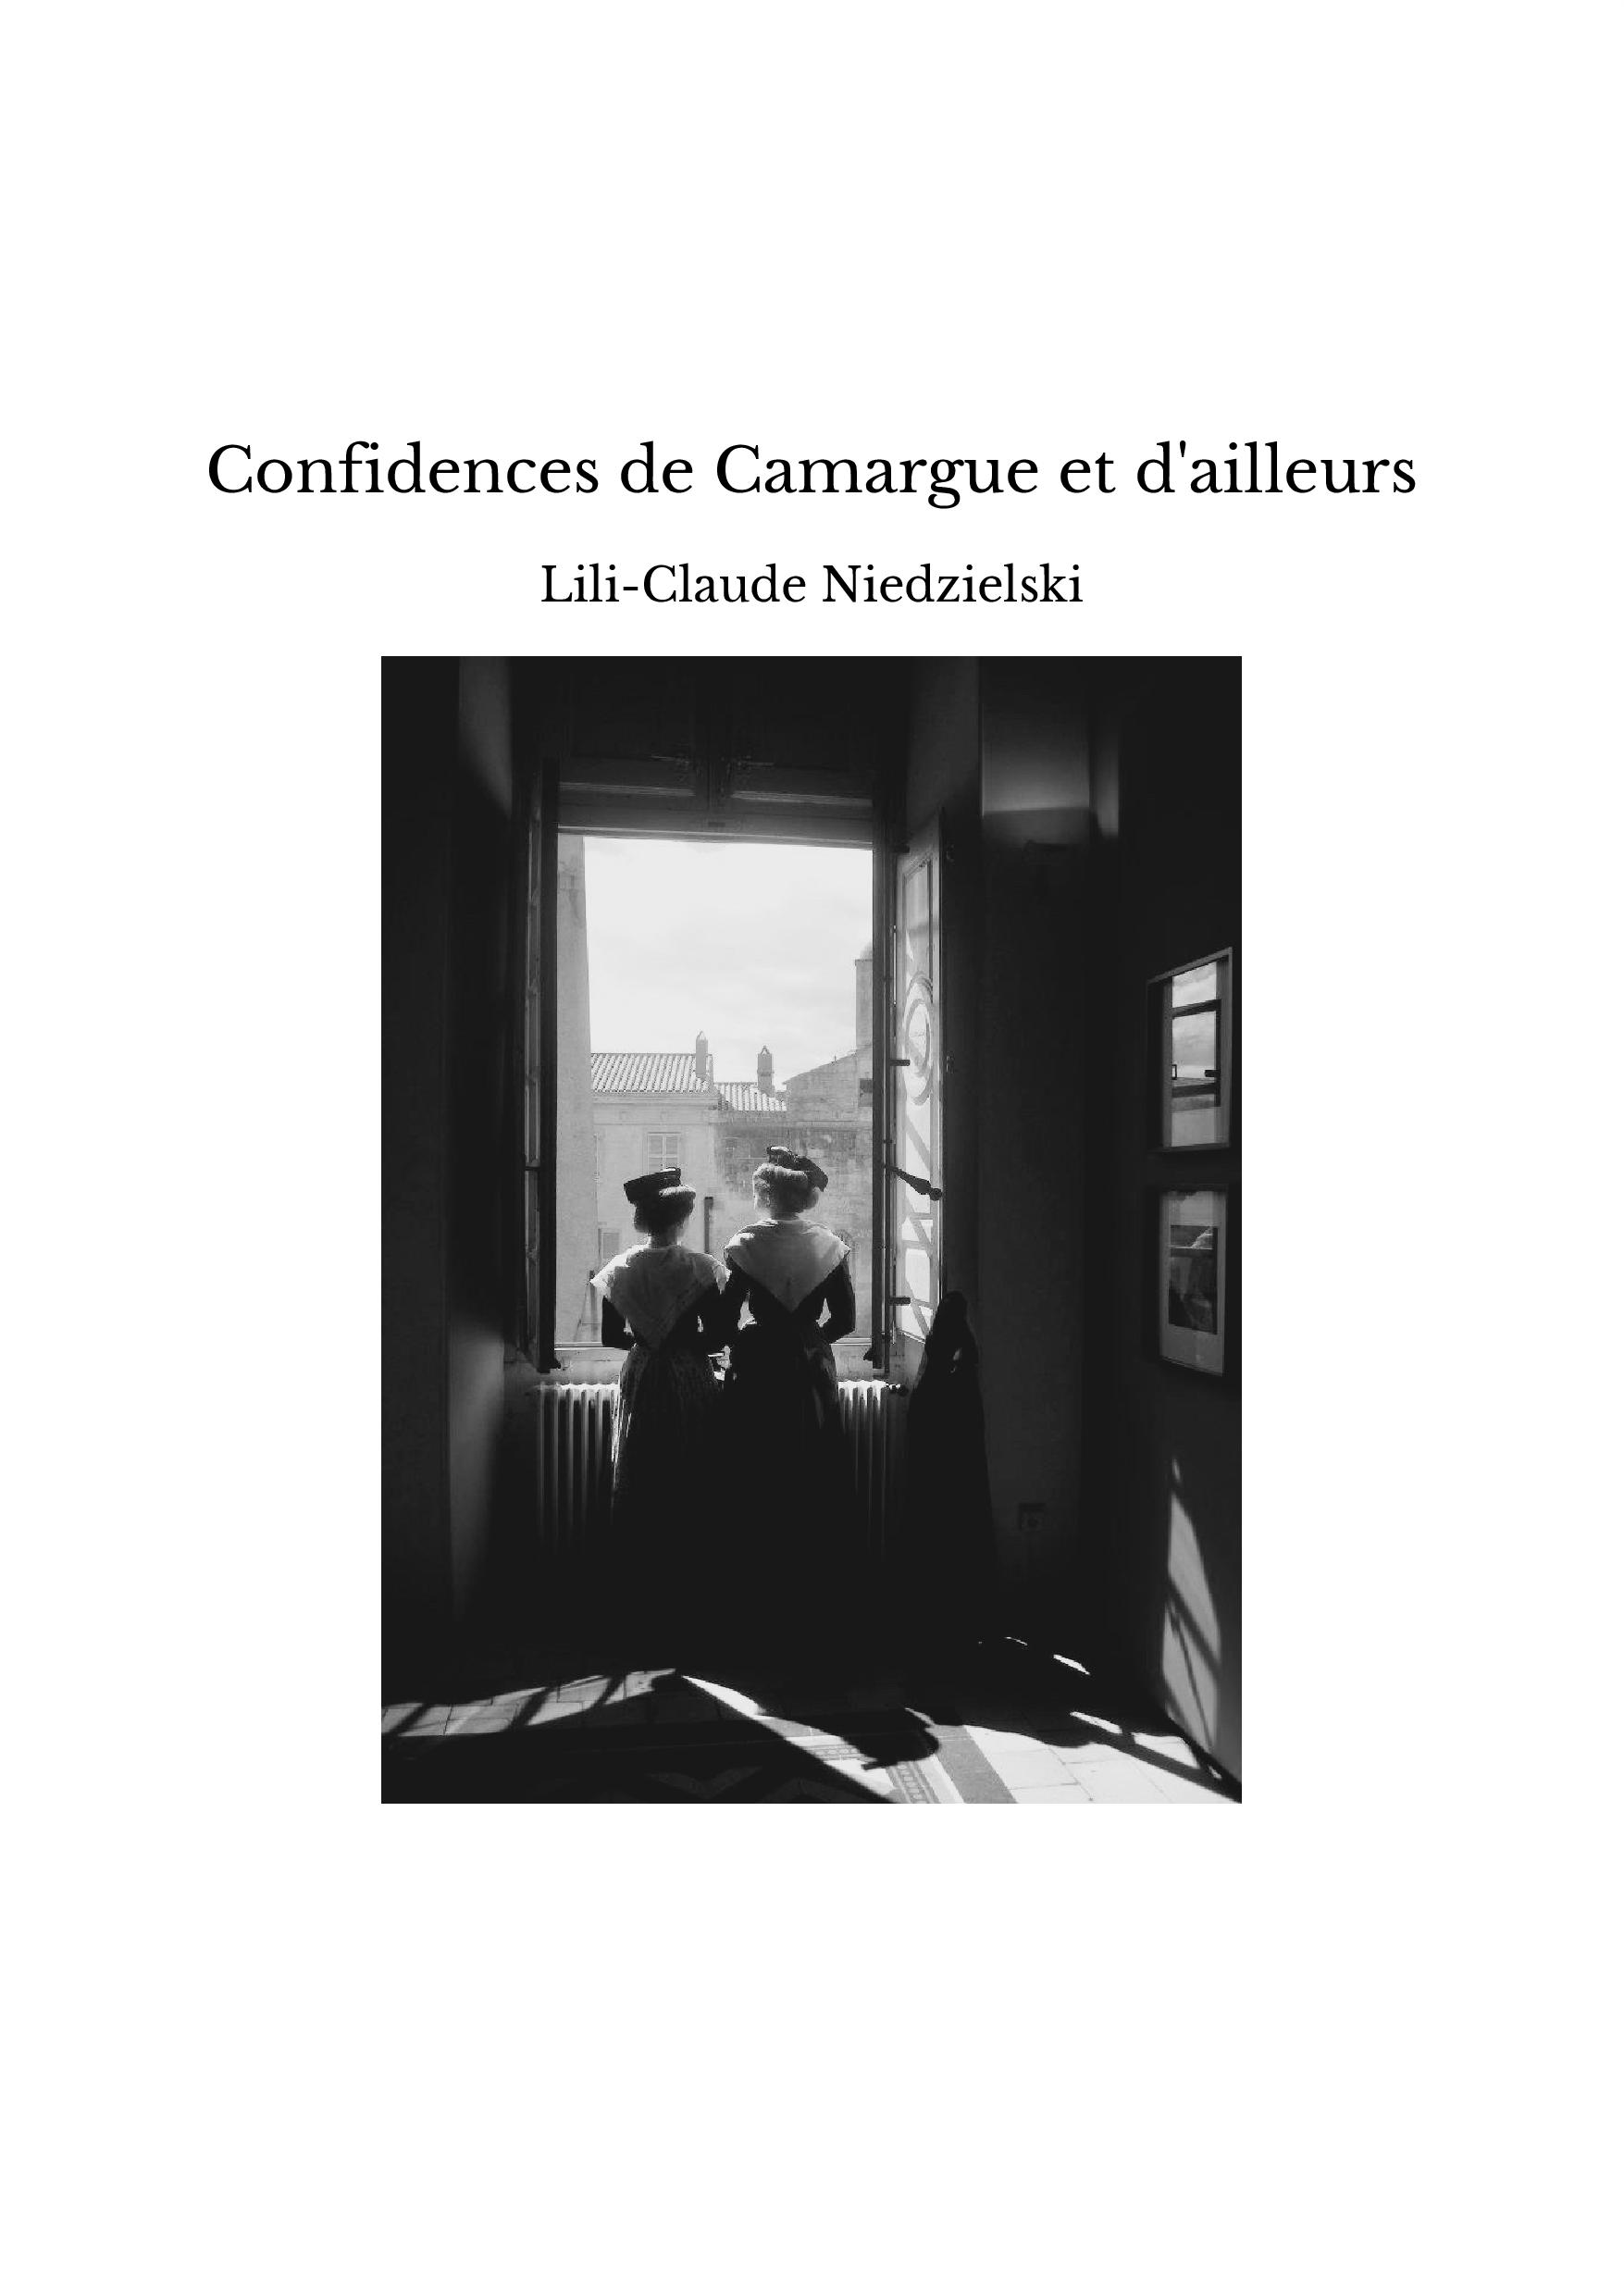 Confidences de Camargue et d'ailleurs